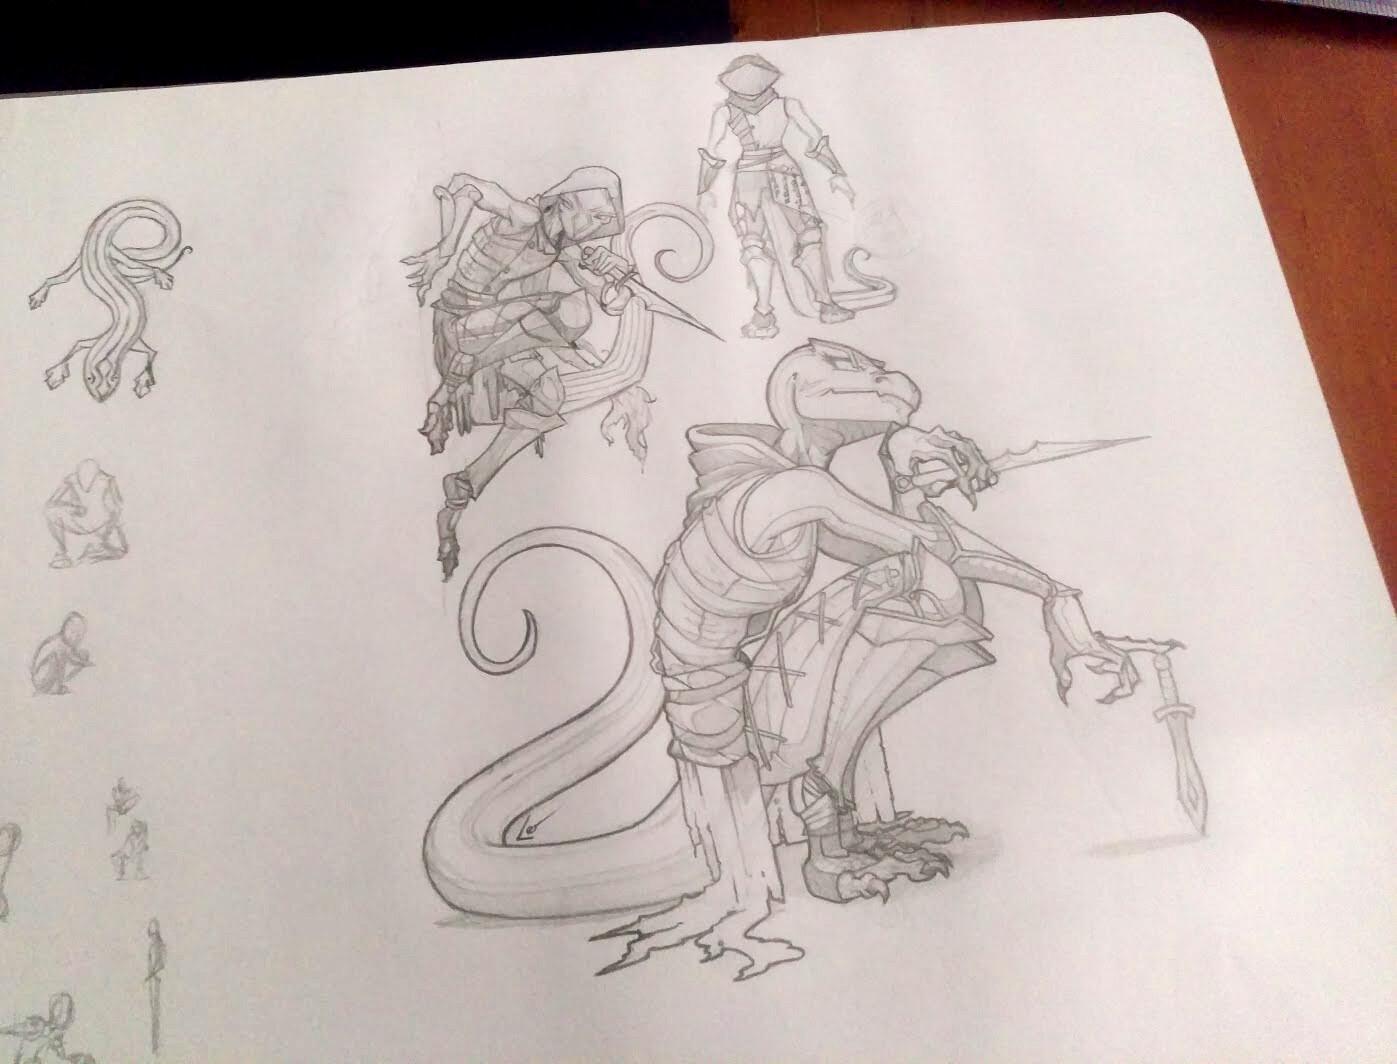 original pencil sketch